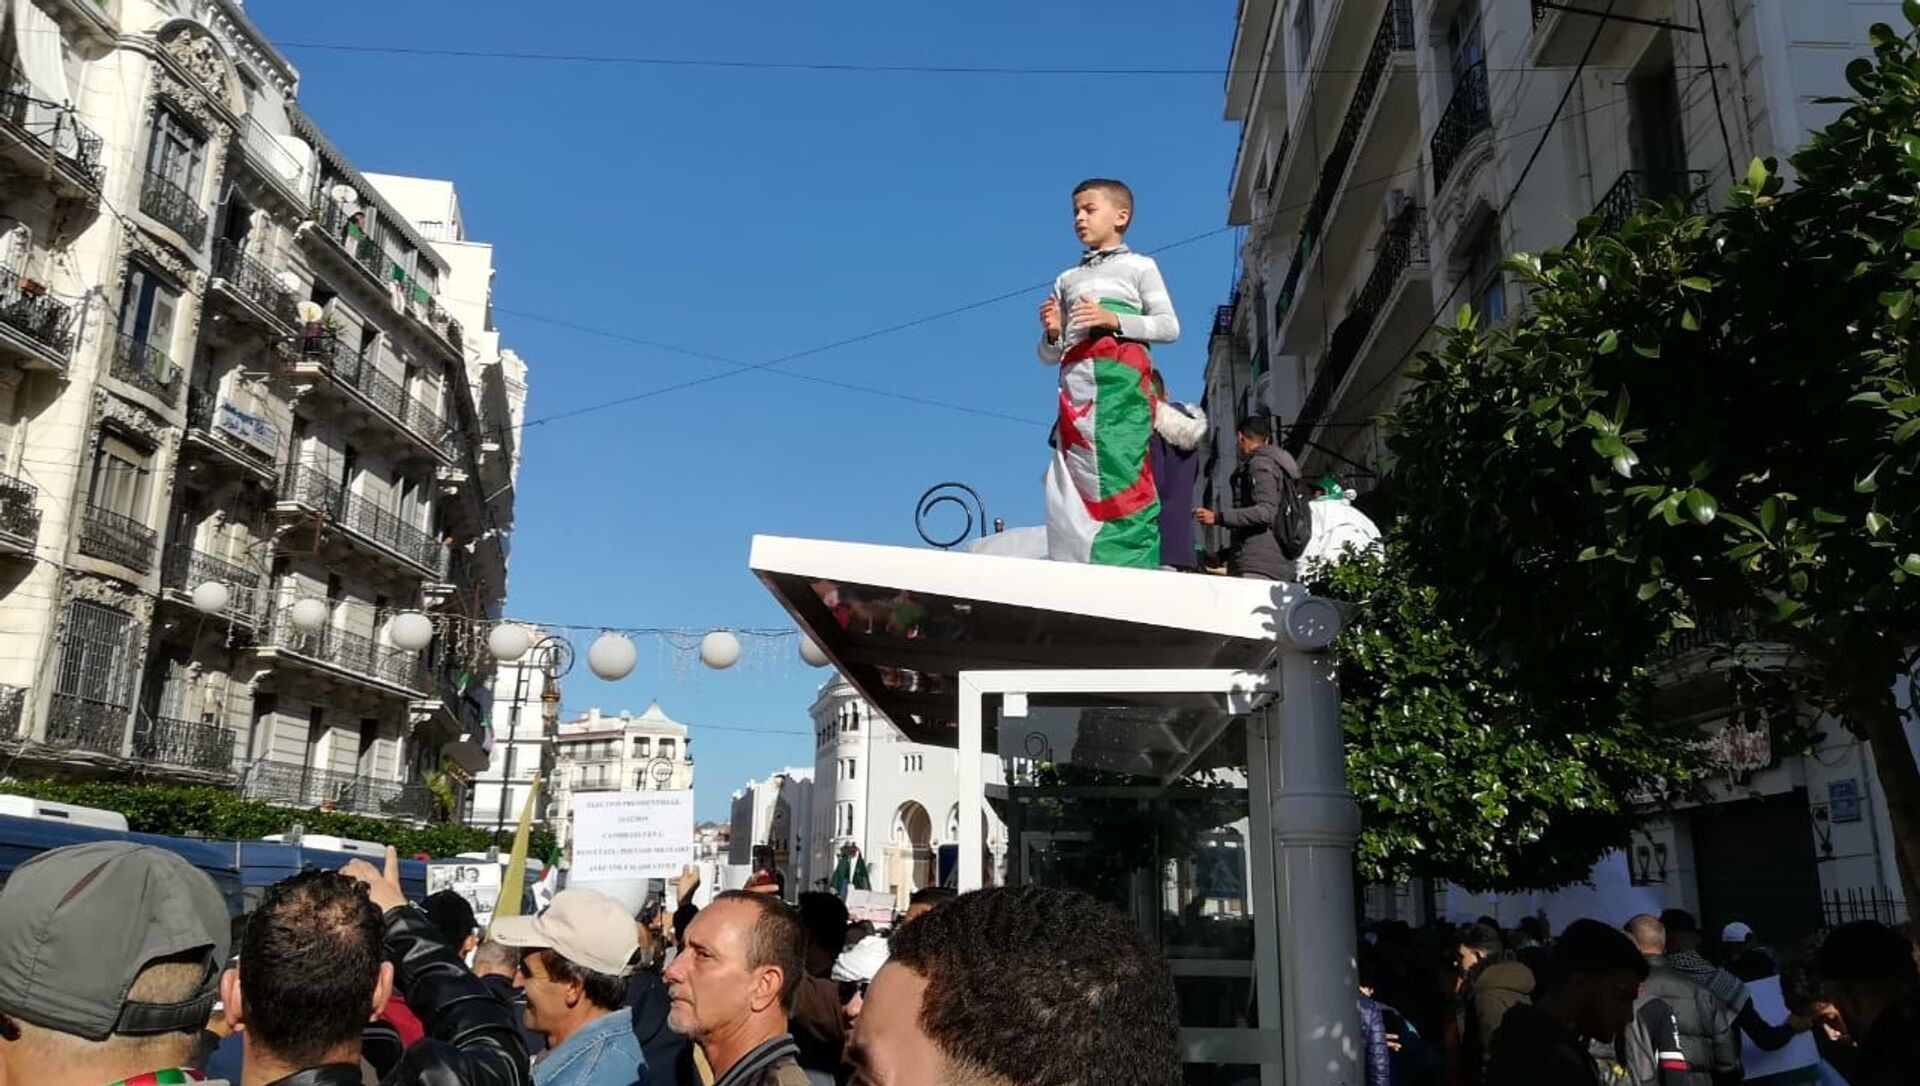 Manifestation en Algérie, 6 décembre 2019 - Sputnik France, 1920, 19.03.2021